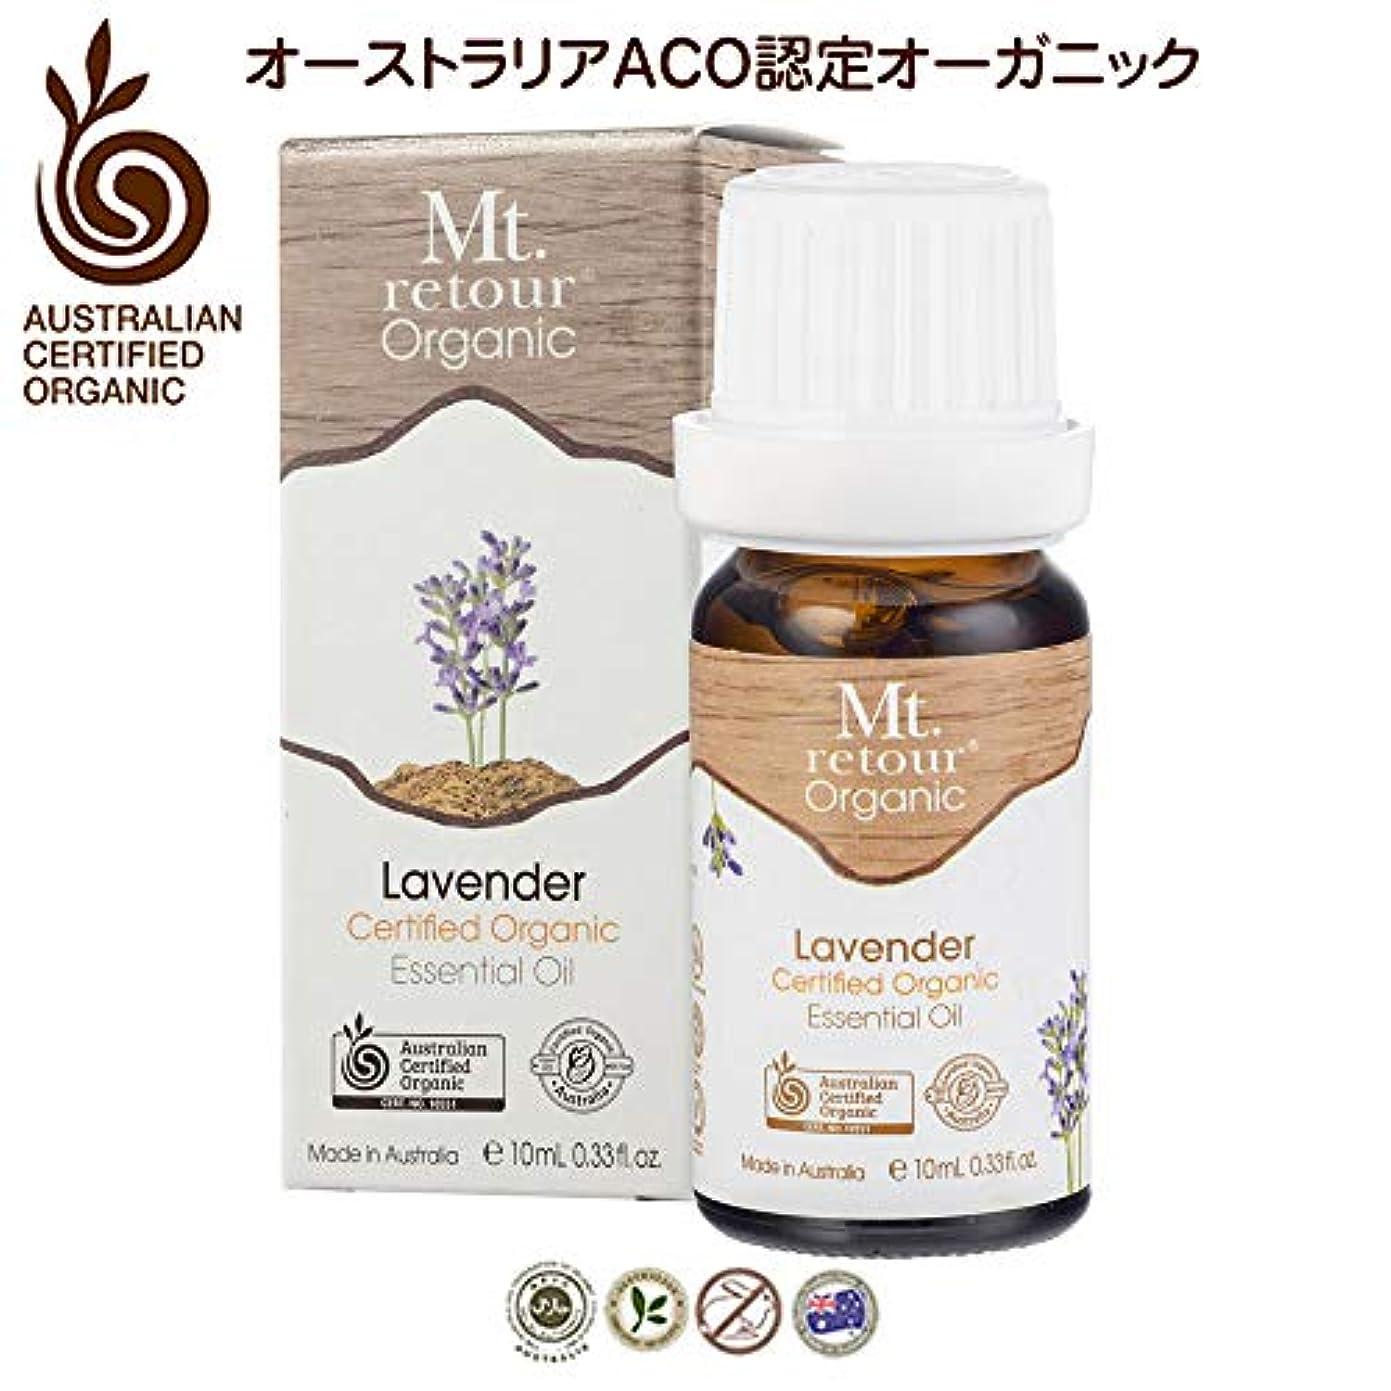 キュービック何もないマントMt. retour ACO認定オーガニック ラベンダー10ml エッセンシャルオイル(無農薬有機栽培)アロマ